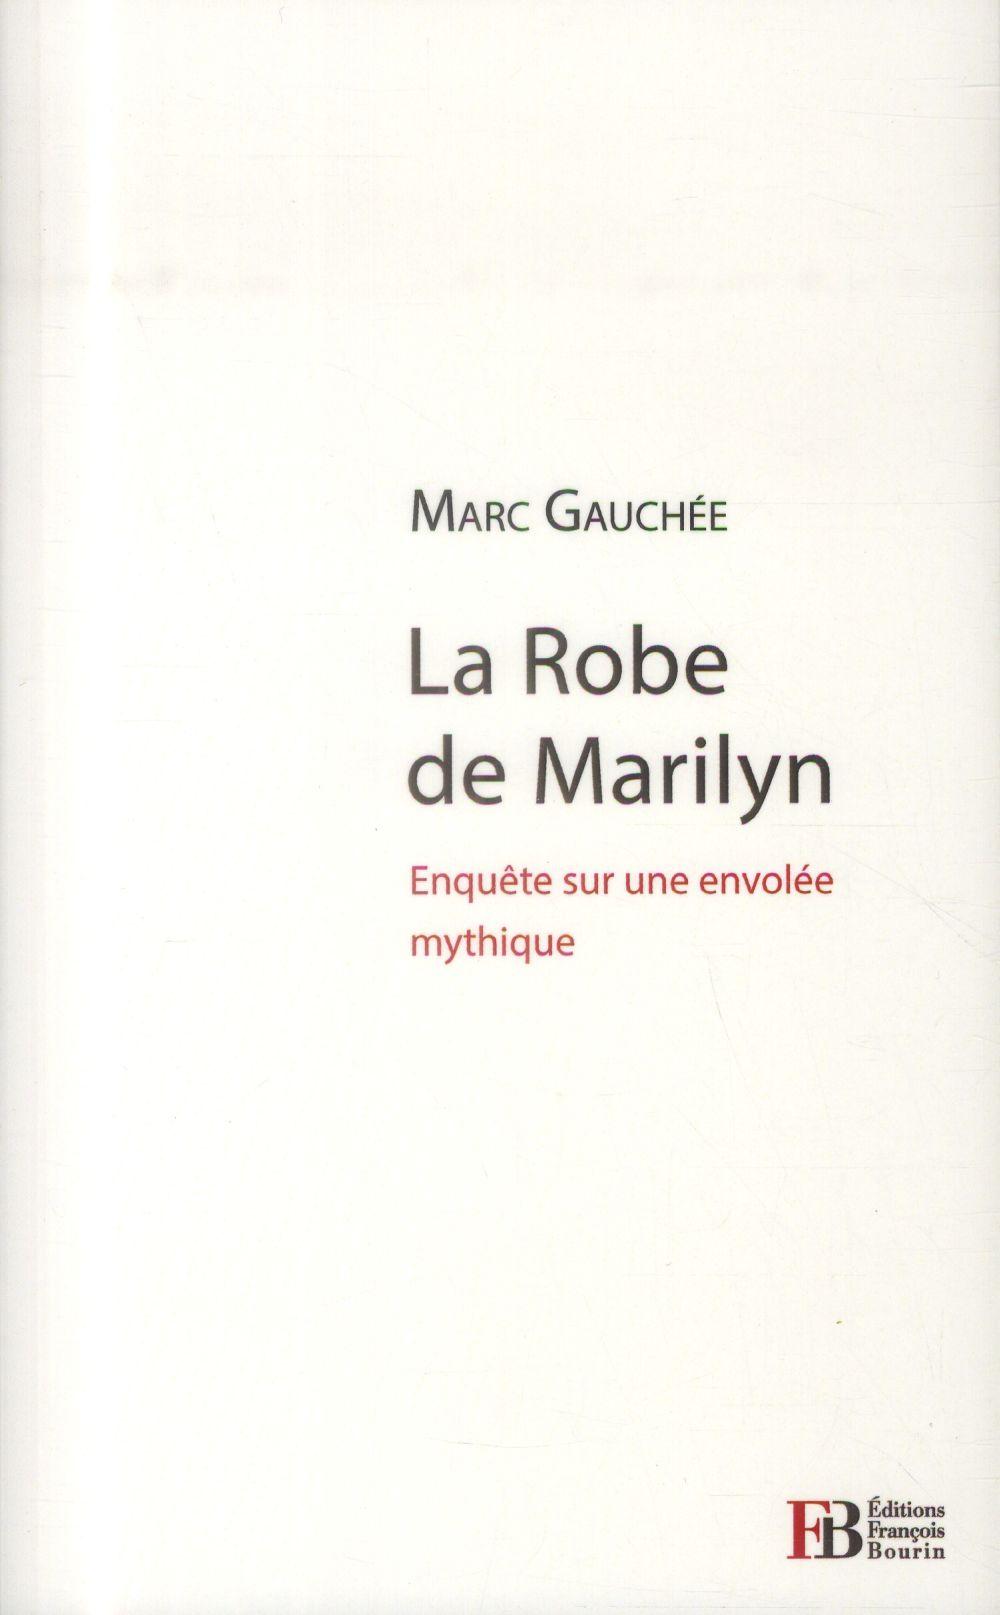 LA ROBE DE MARILYN